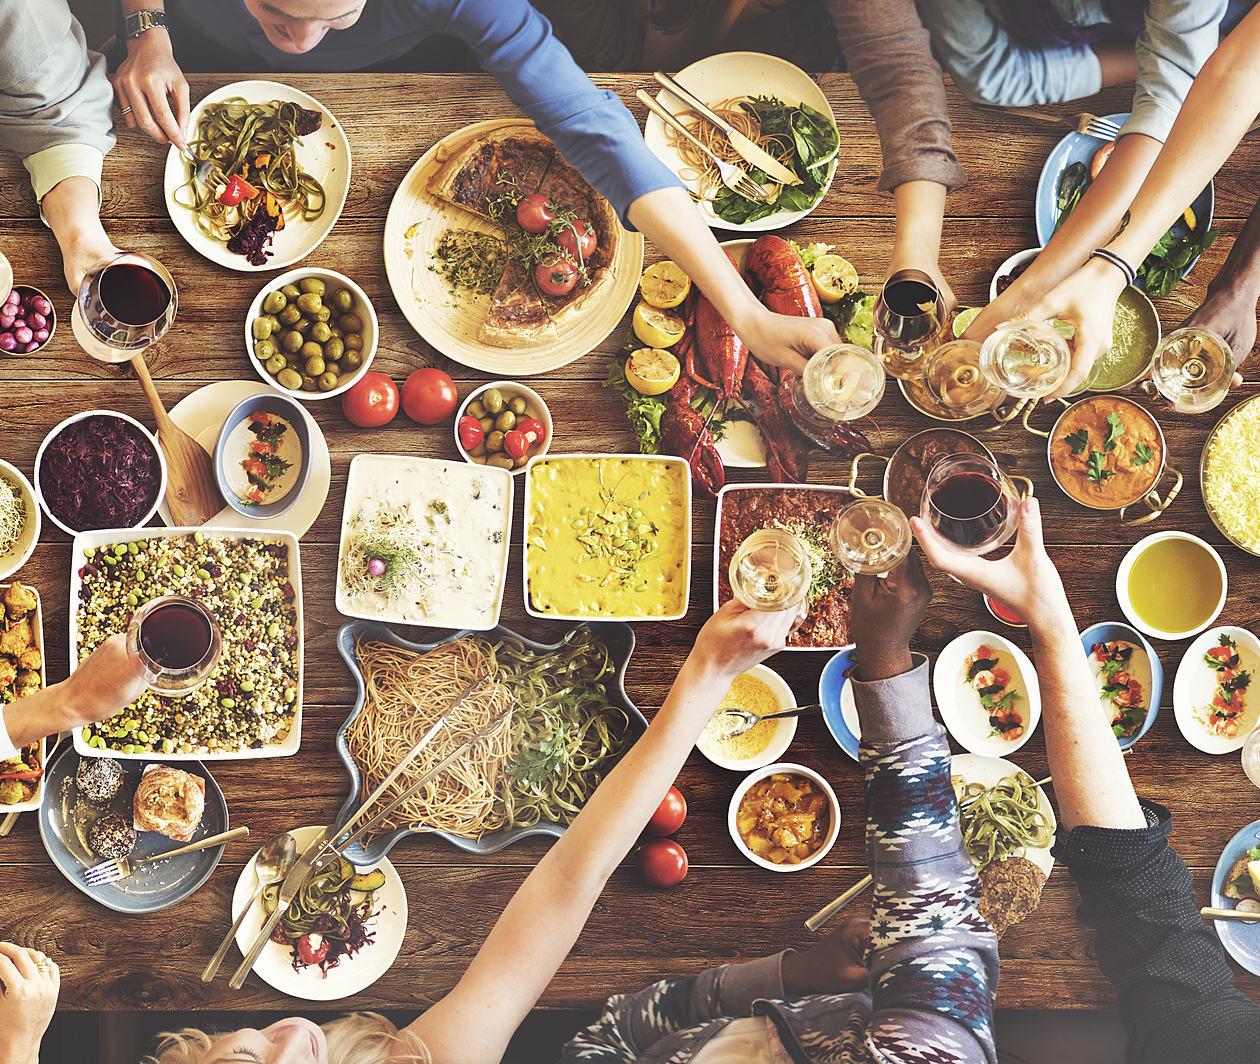 Understanding Mediterranean and Okinawa Diets